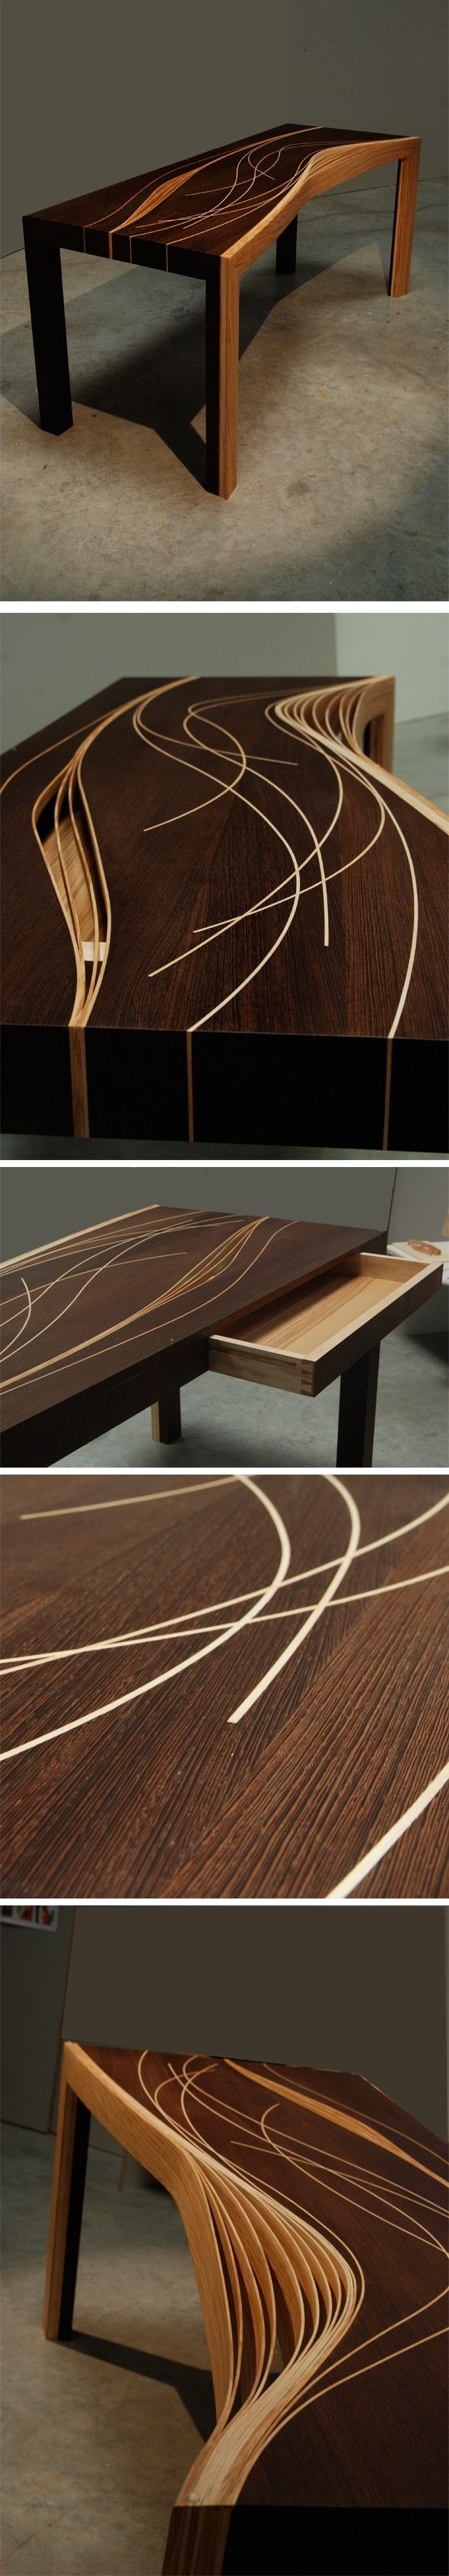 Inspiré des principes de l'Art Nouveau Aurélien Fraisse, jeune designer ébéniste, nous a contacté afin de nous présenter son meuble de diplôme de fin d'étu